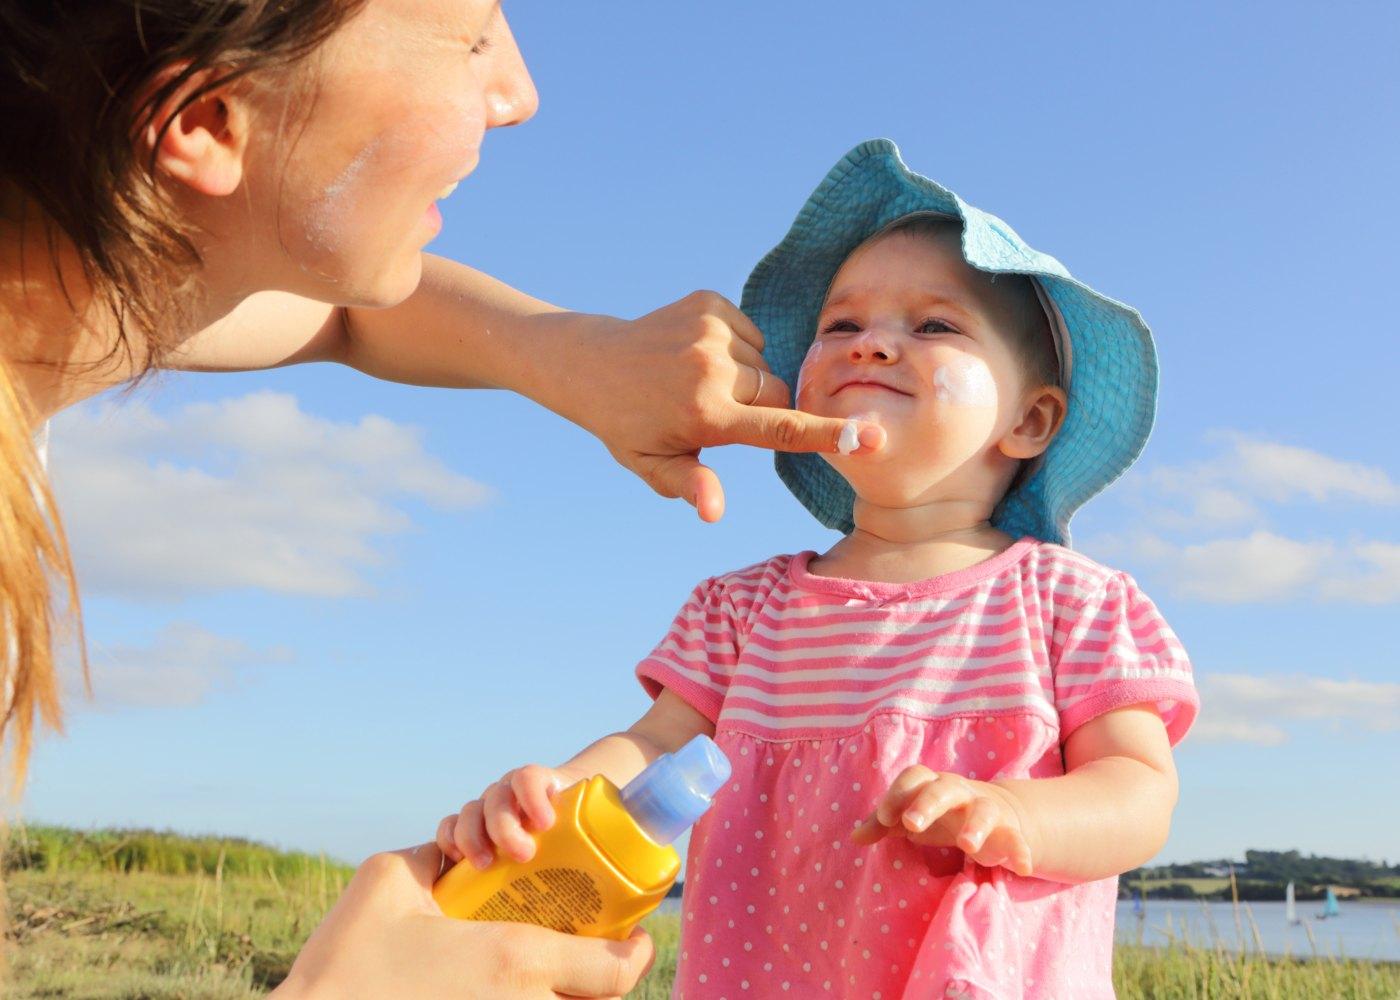 Mãe a colocar protetor solar em bebé